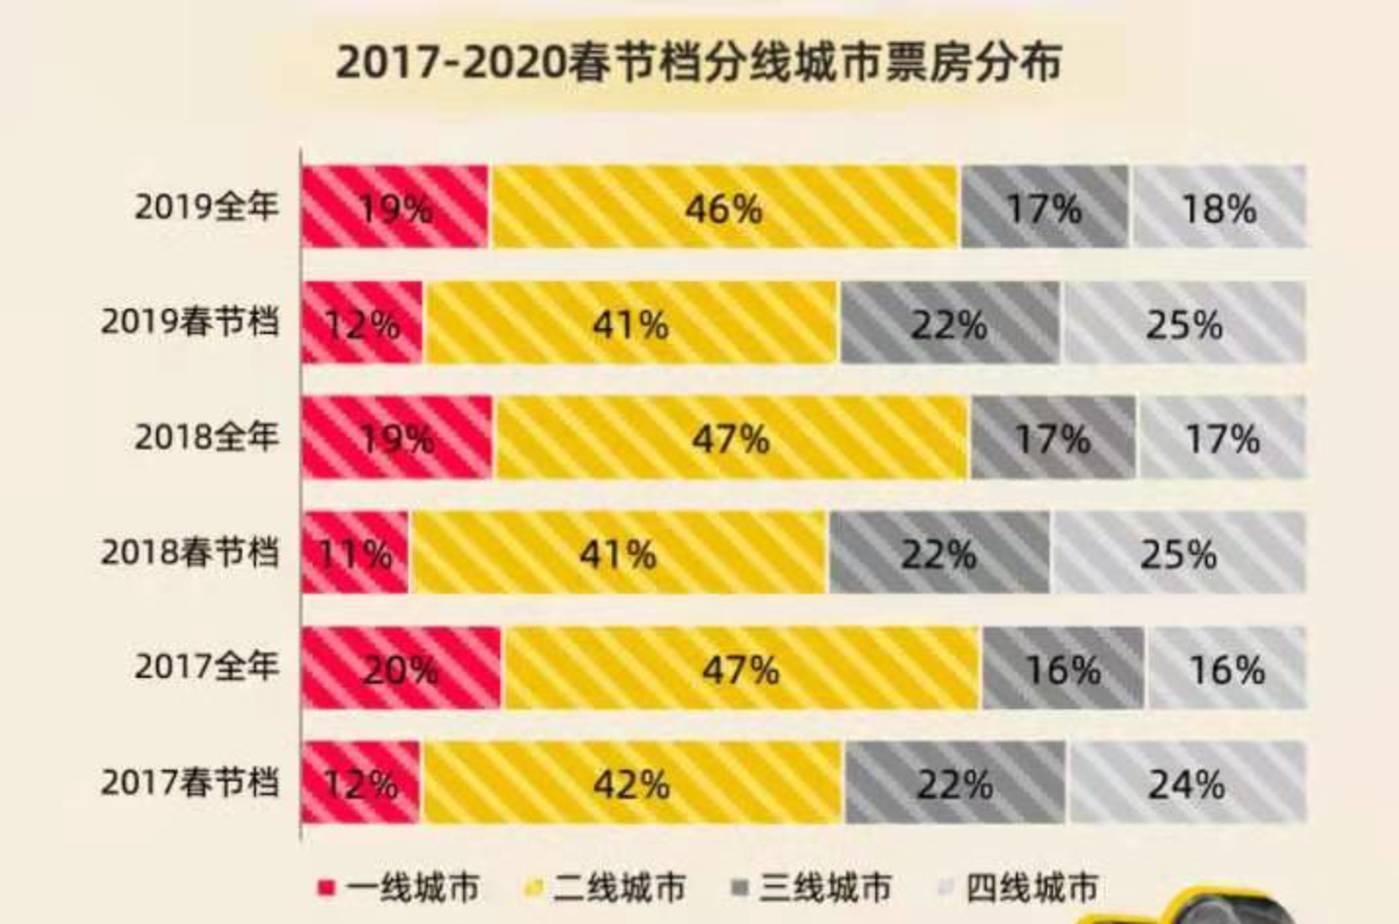 春节档票房市场分布